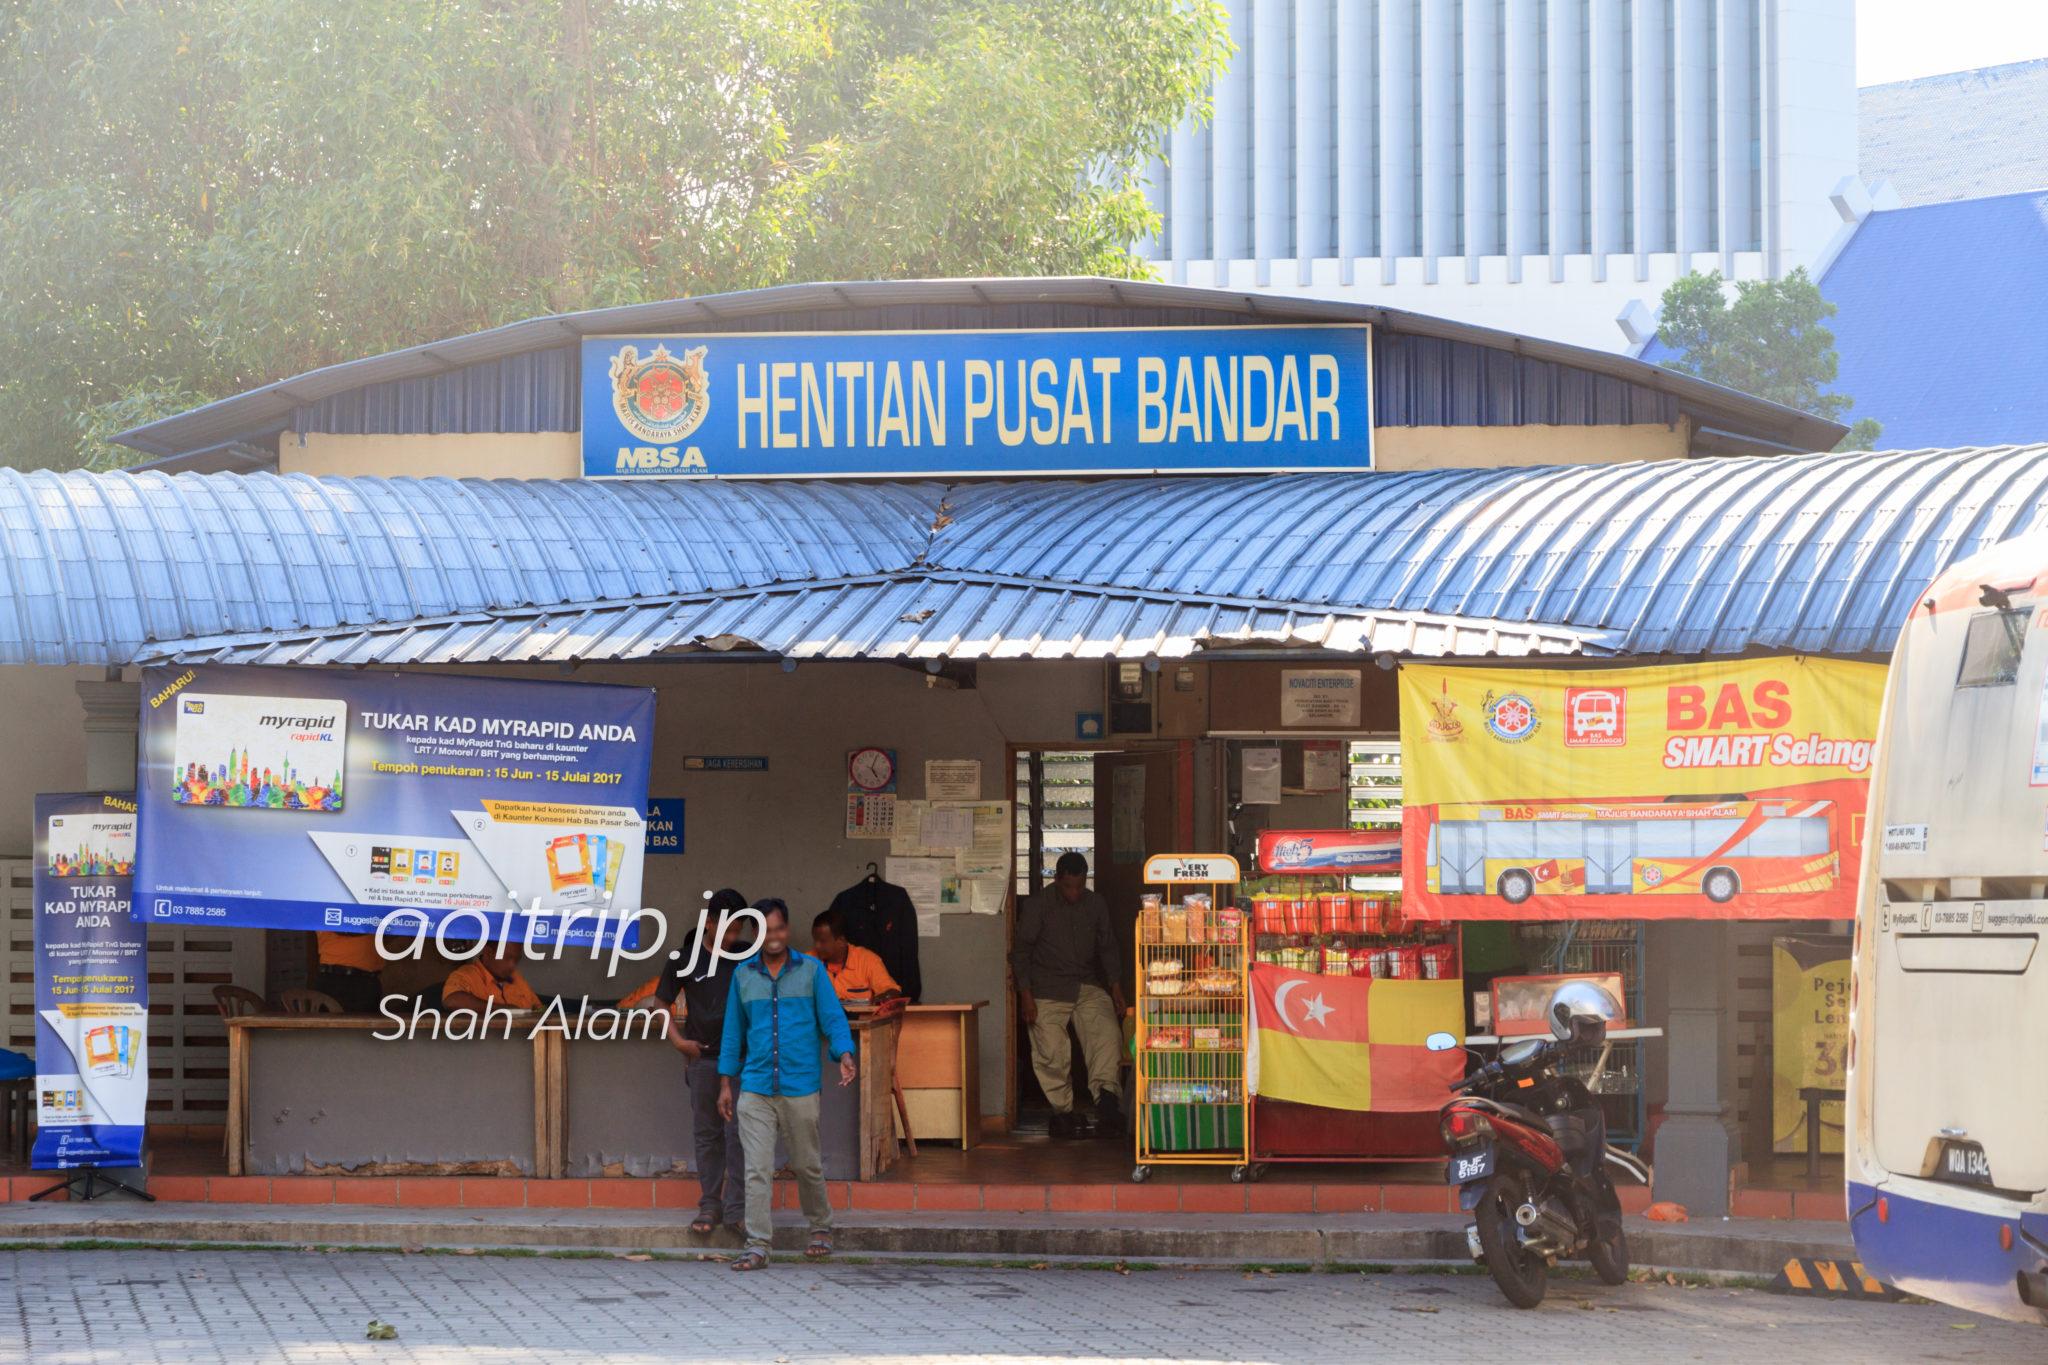 Hentian Pasat Bandar Shah Alam バスターミナル